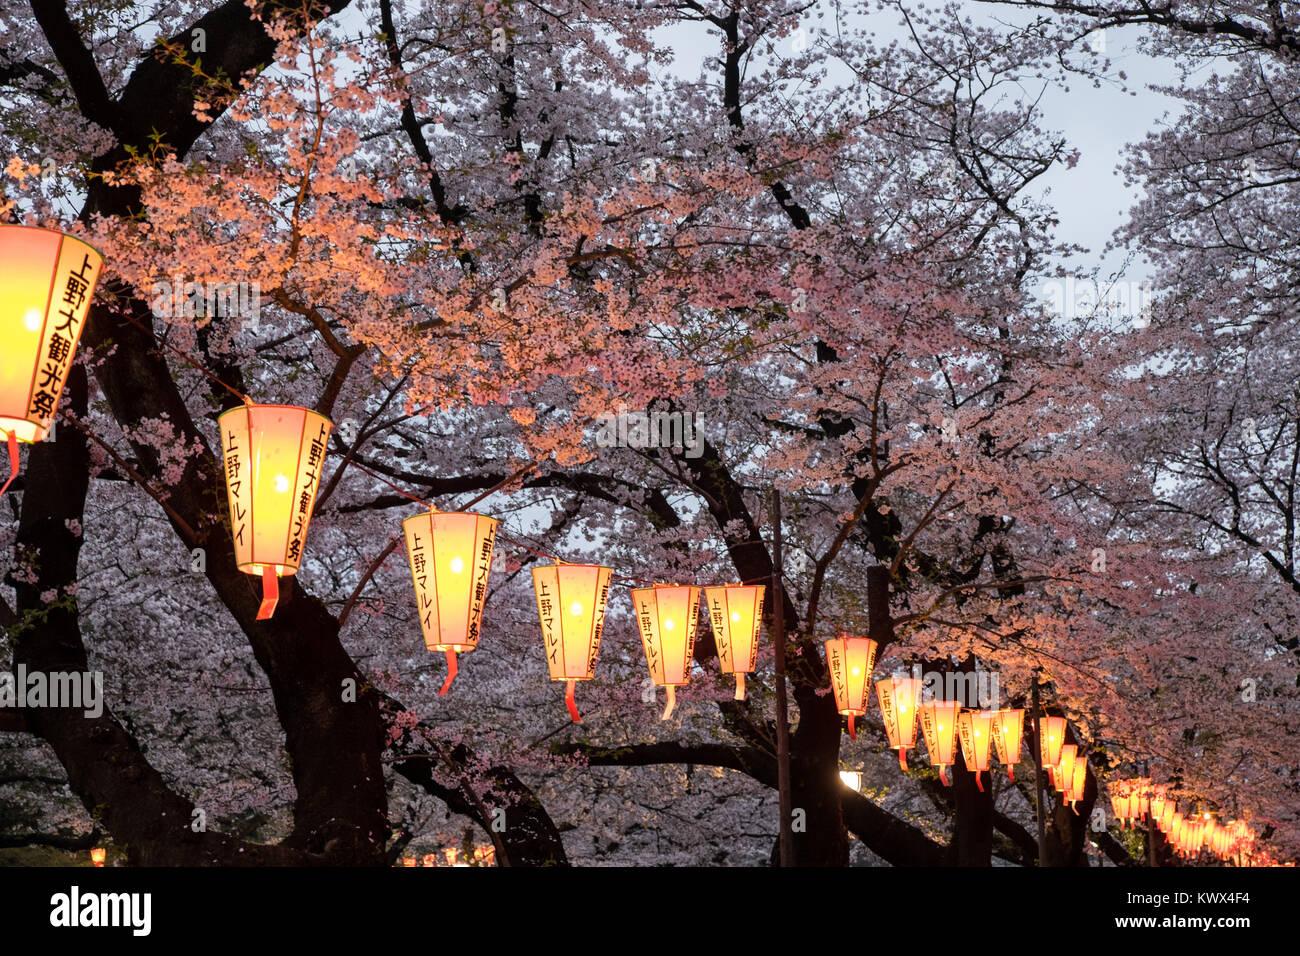 Japón, Tokio: linternas, luces, farolas y cerezos en flor en el Parque de Ueno. Imagen De Stock